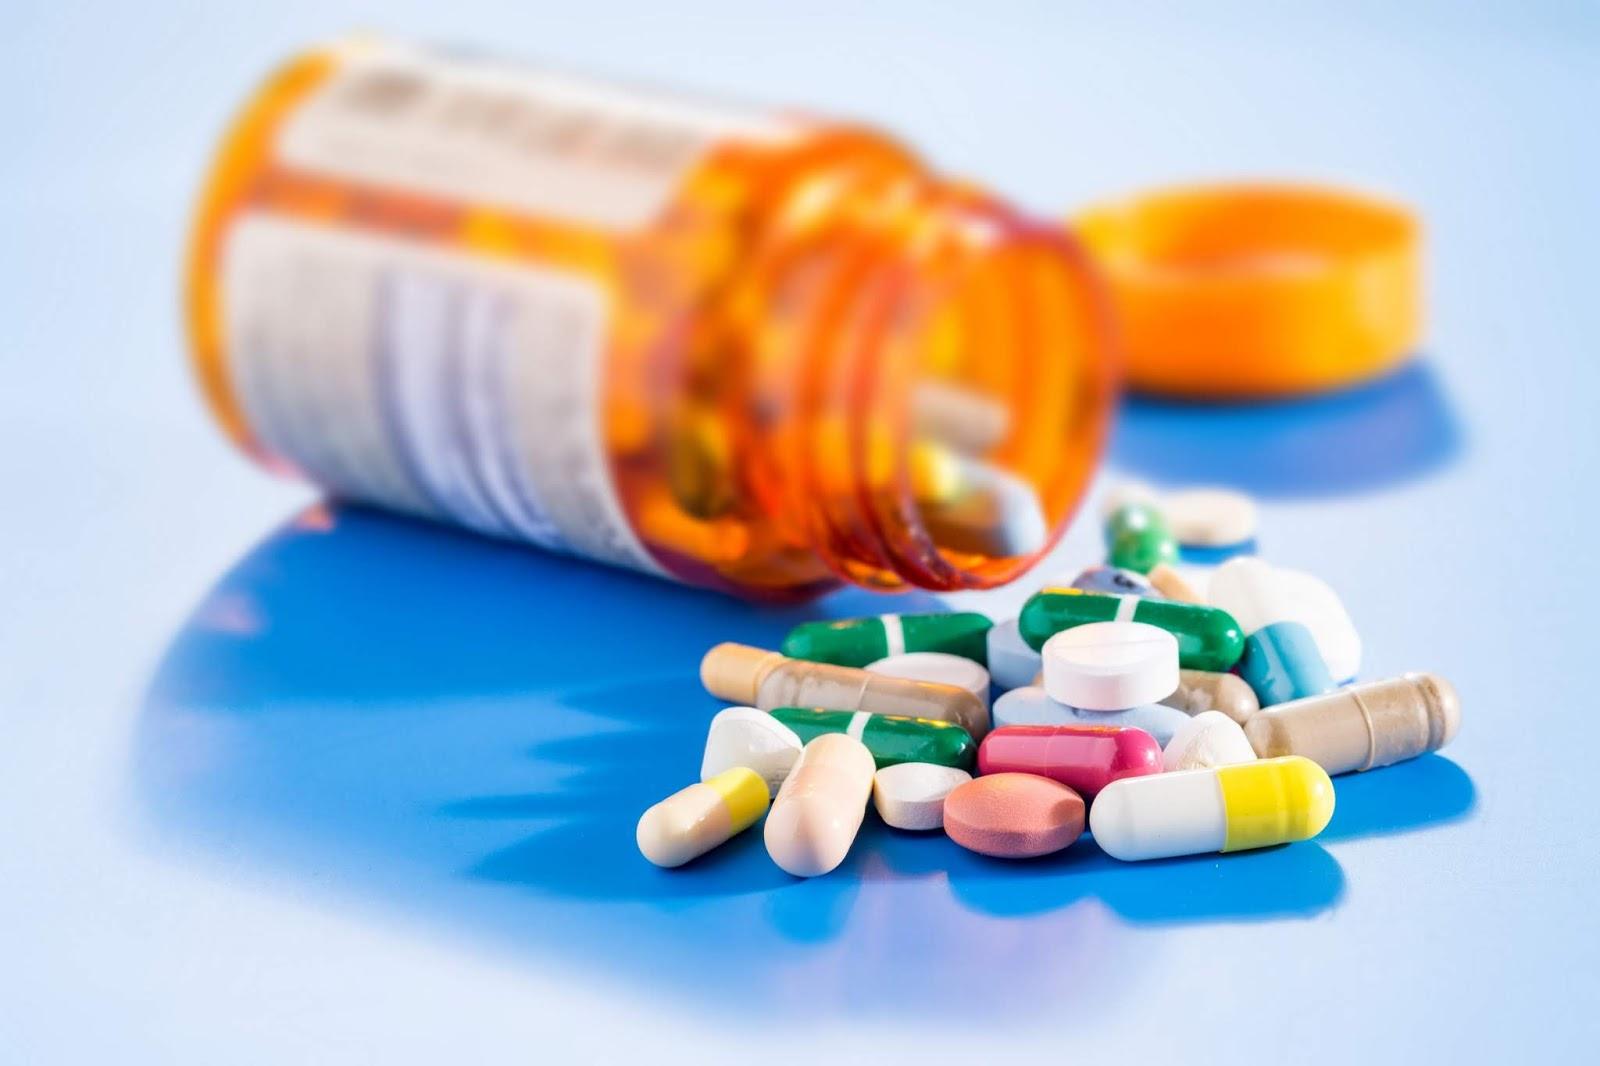 Berbérine : Un médicament qui protège la santé ?